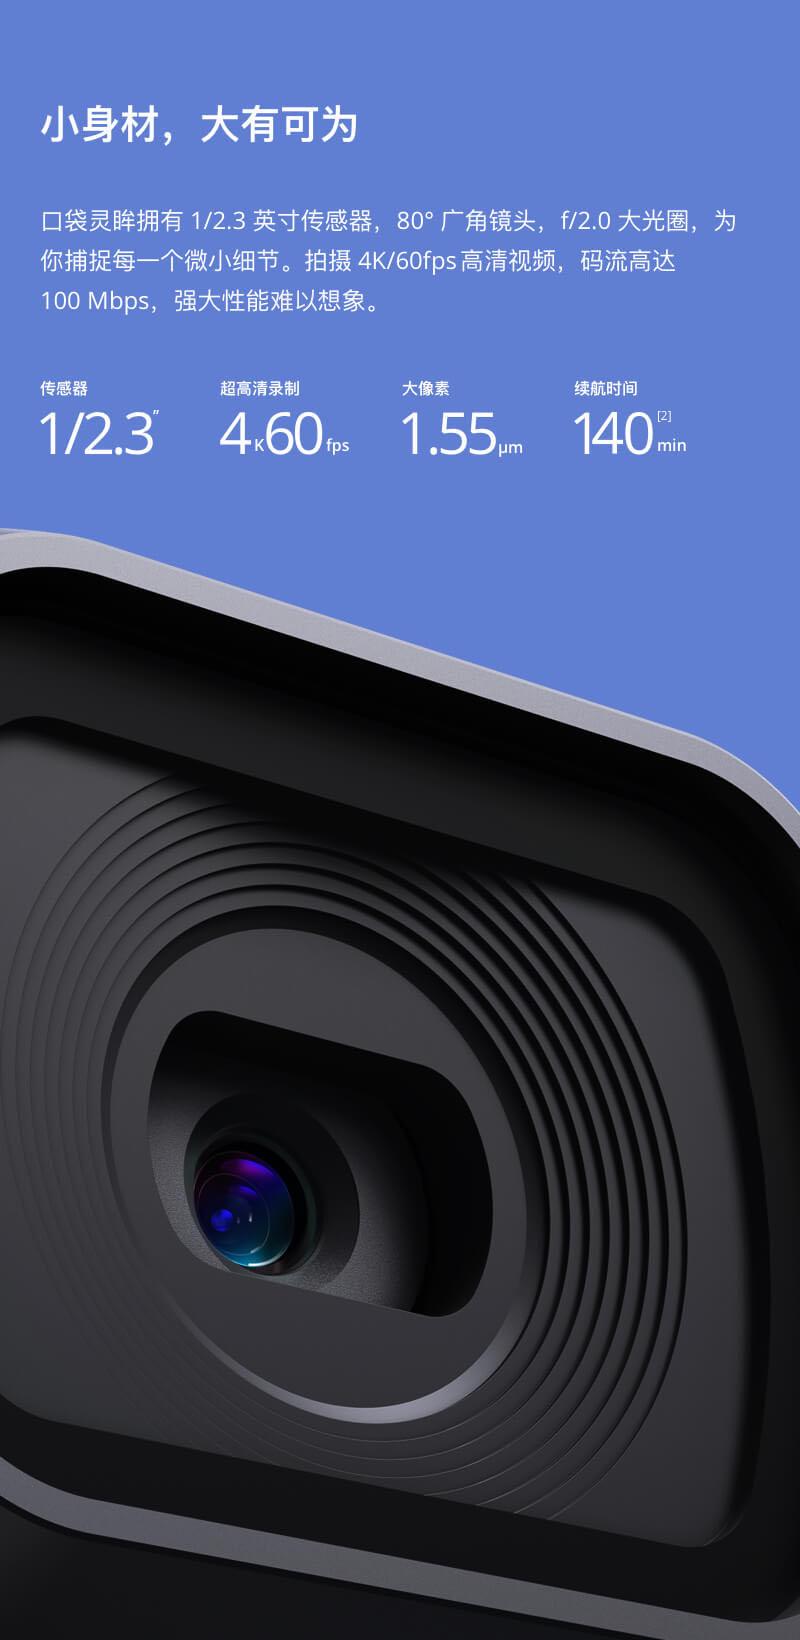 Camera giám sát DJI Xingjian Lingmou Osmo máy ảnh túi áo, giữ nền mây, máy ảnh vlog ngoài trời thông